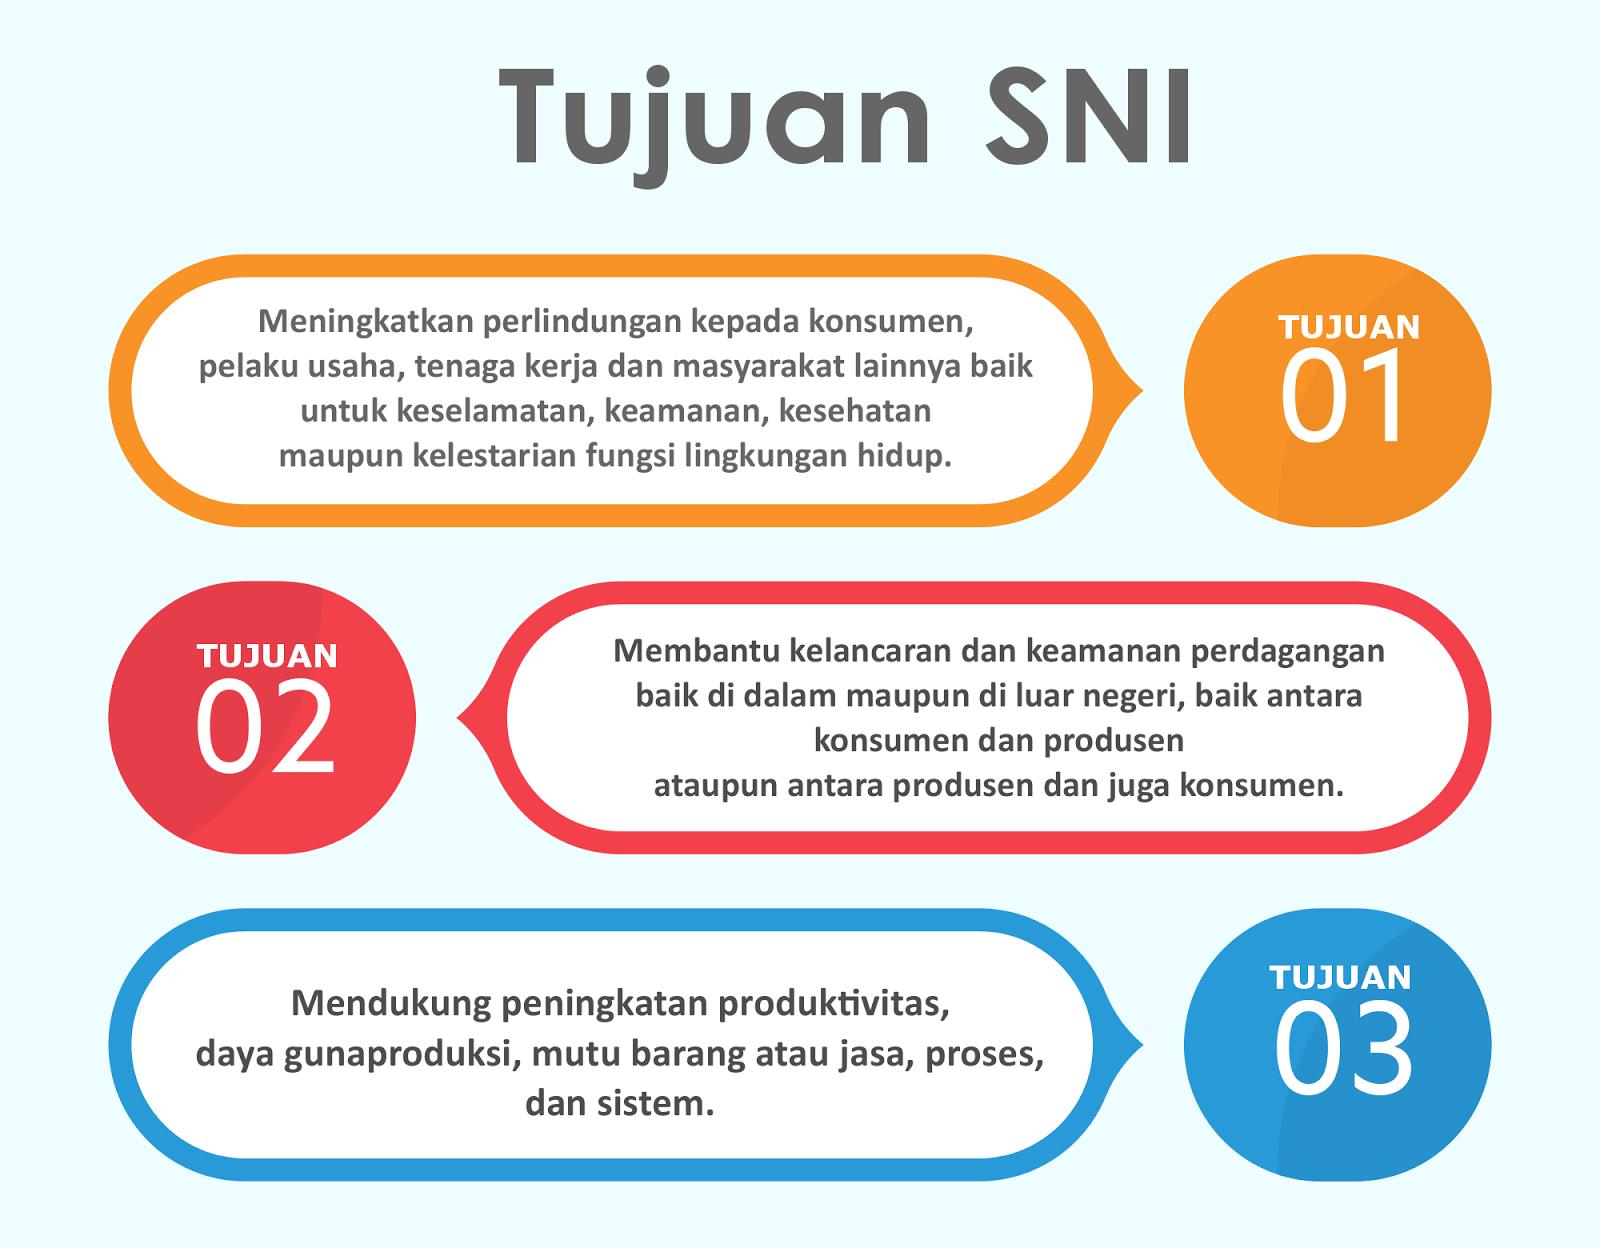 Mengenal SNI: Pengertian, Tujuan, dan Manfaat 2